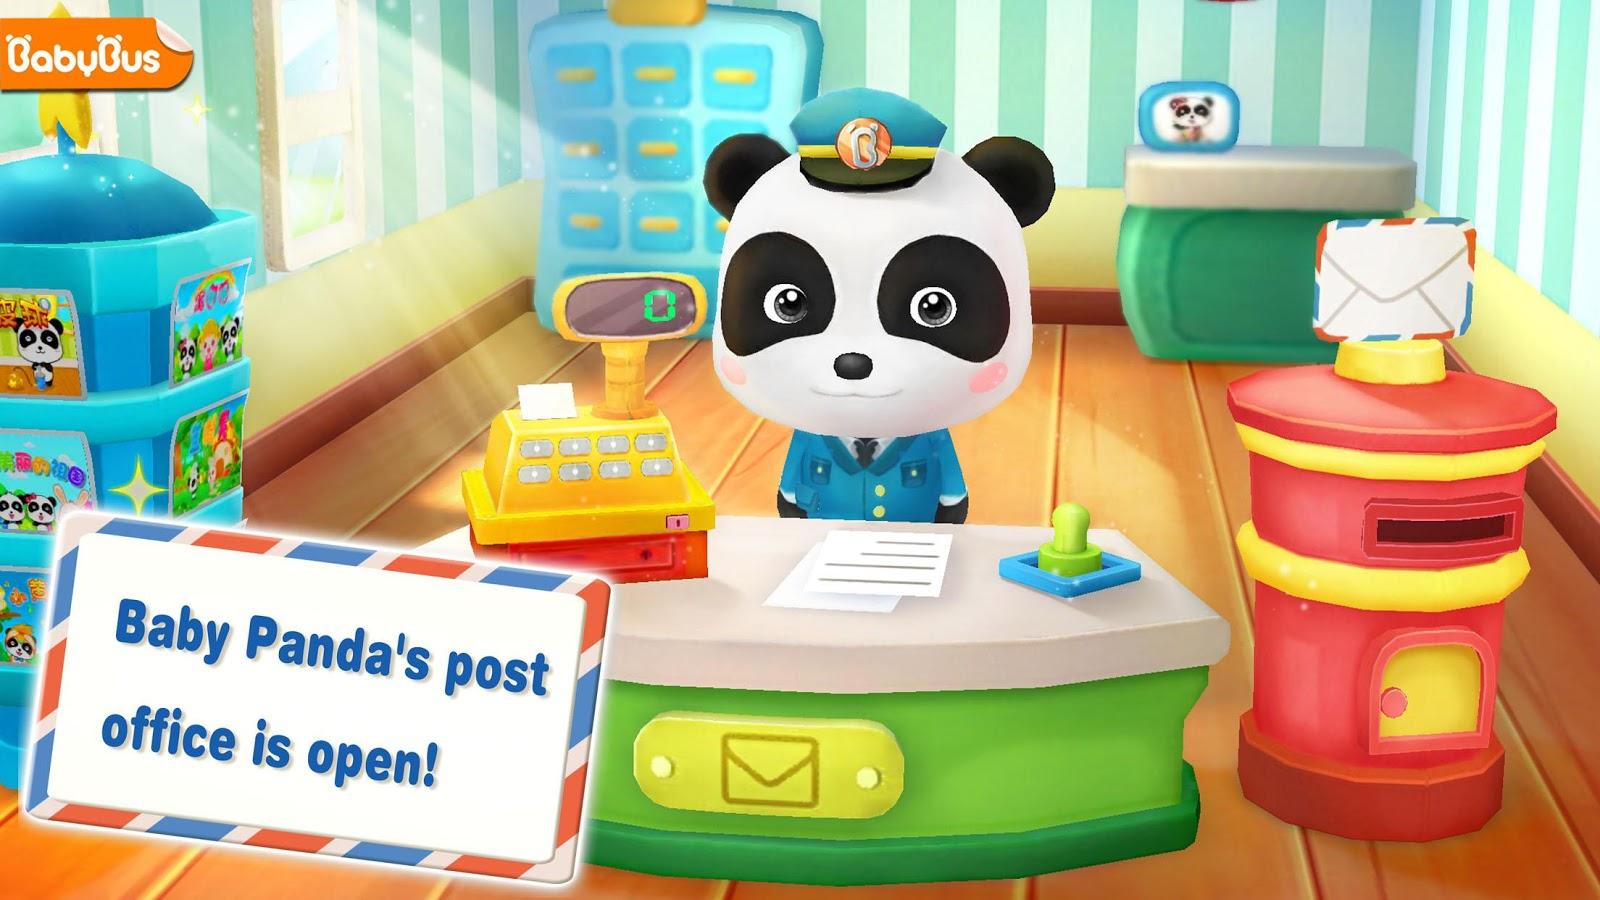 Baby Panda Postman-Magical Jigsaw Puzzles 8 24 10 00 APK